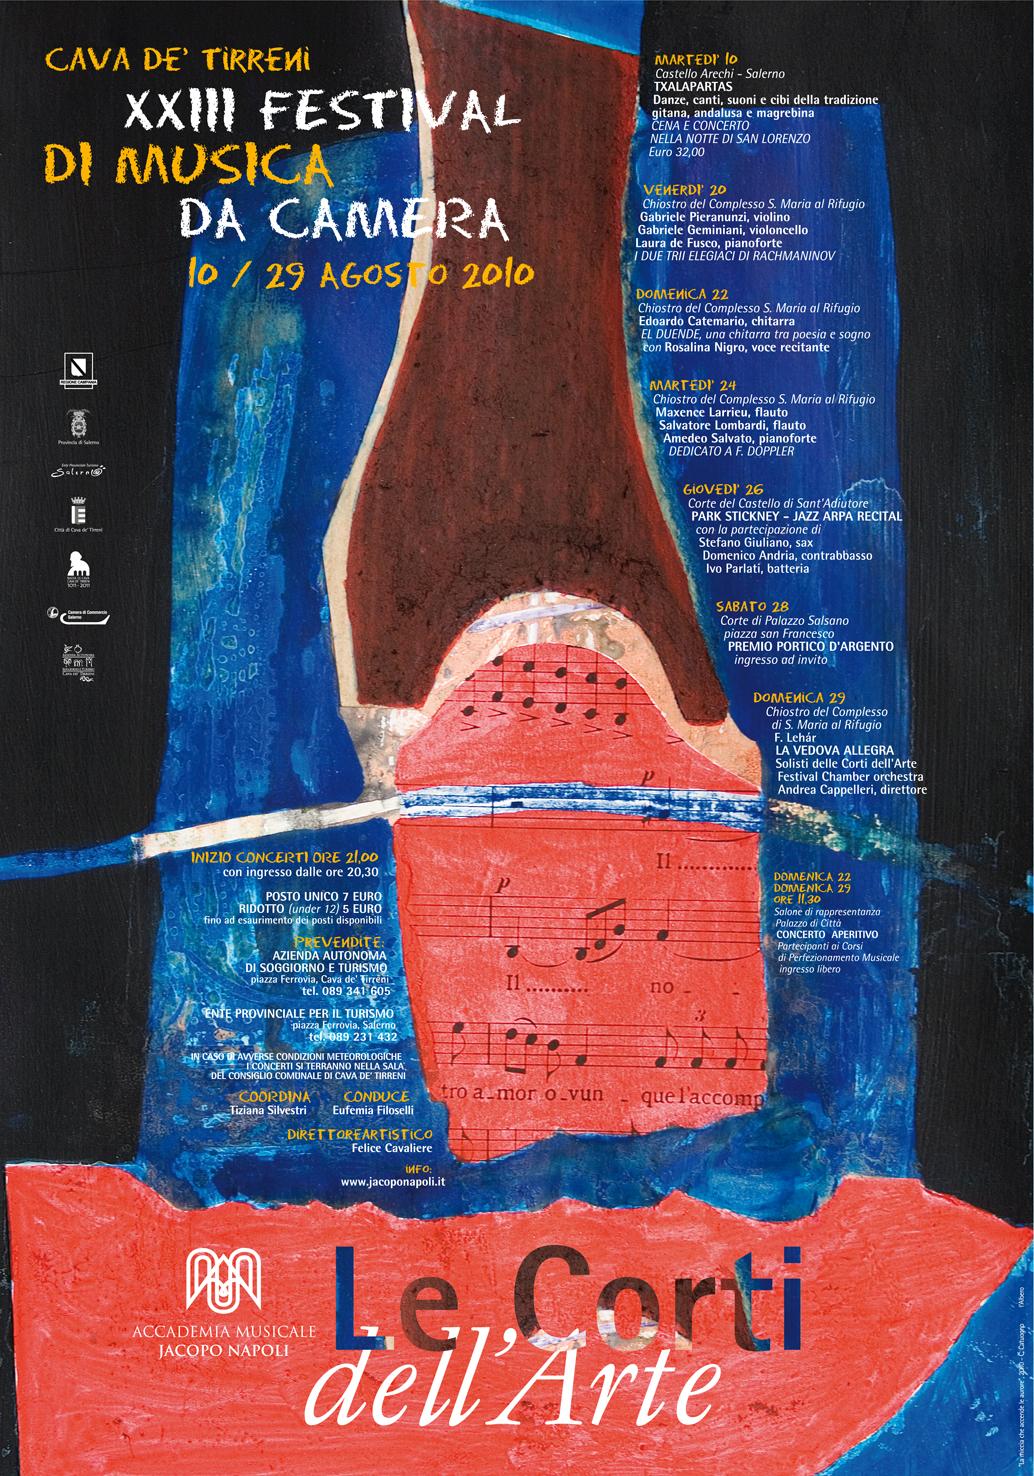 2010 Le Corti dell'Arte